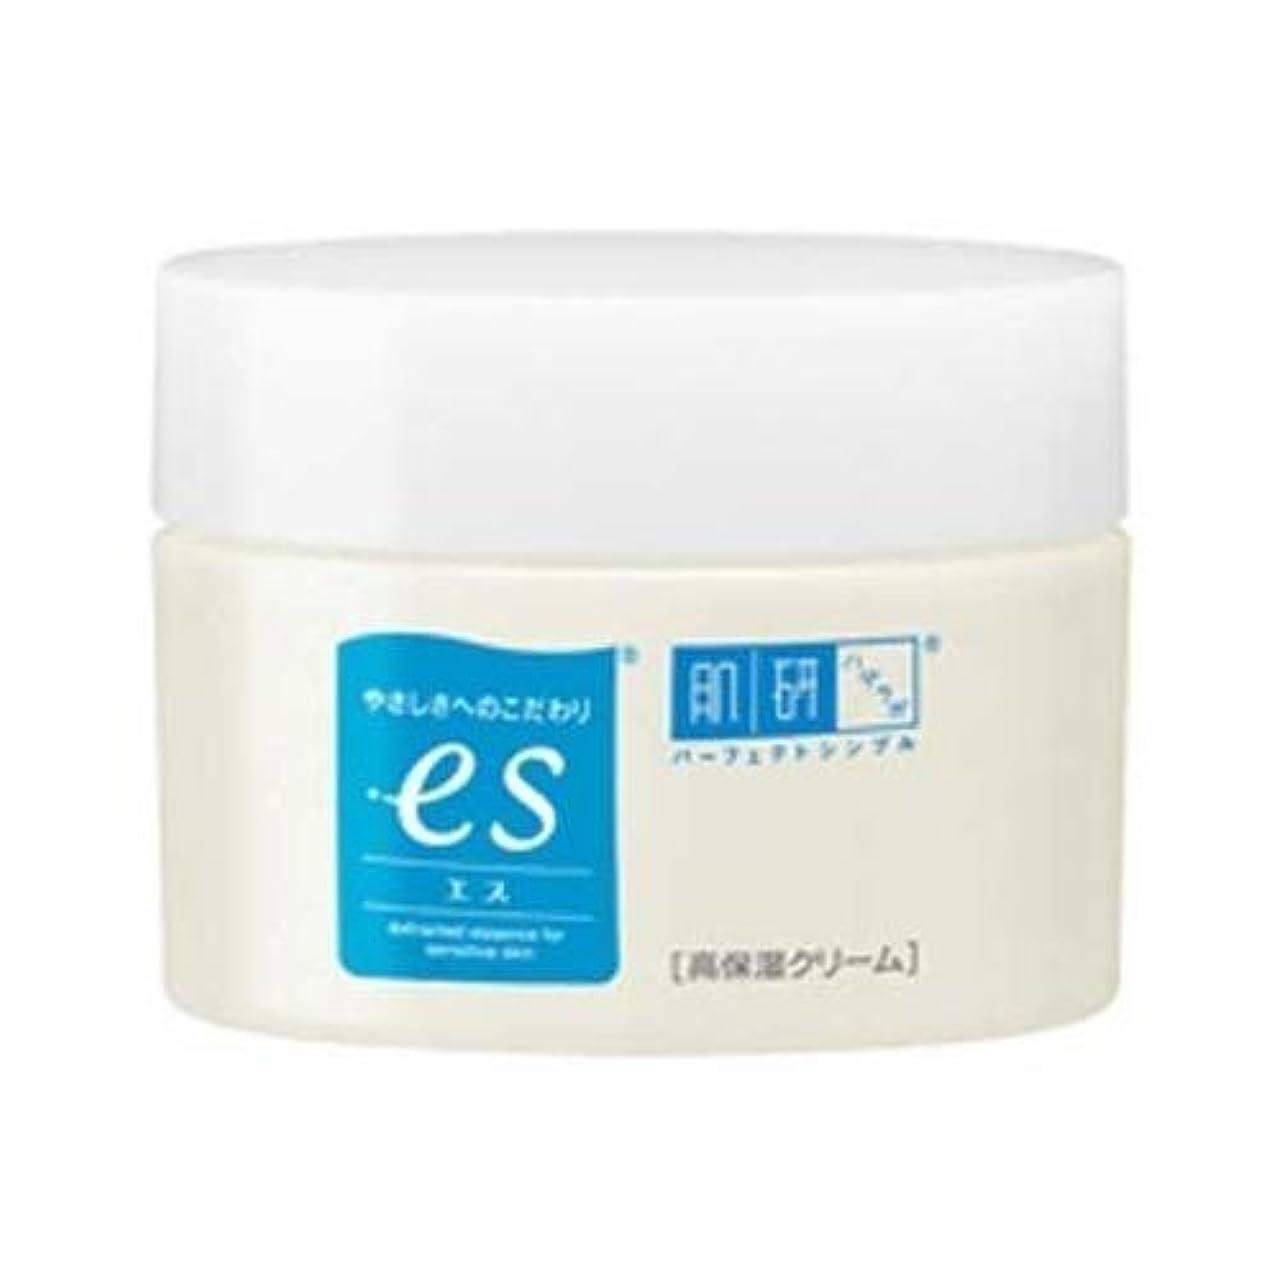 最も遠いホステス容疑者肌ラボ es(エス) ナノ化ミネラルヒアルロン酸配合 無添加処方 高保湿クリーム 50g